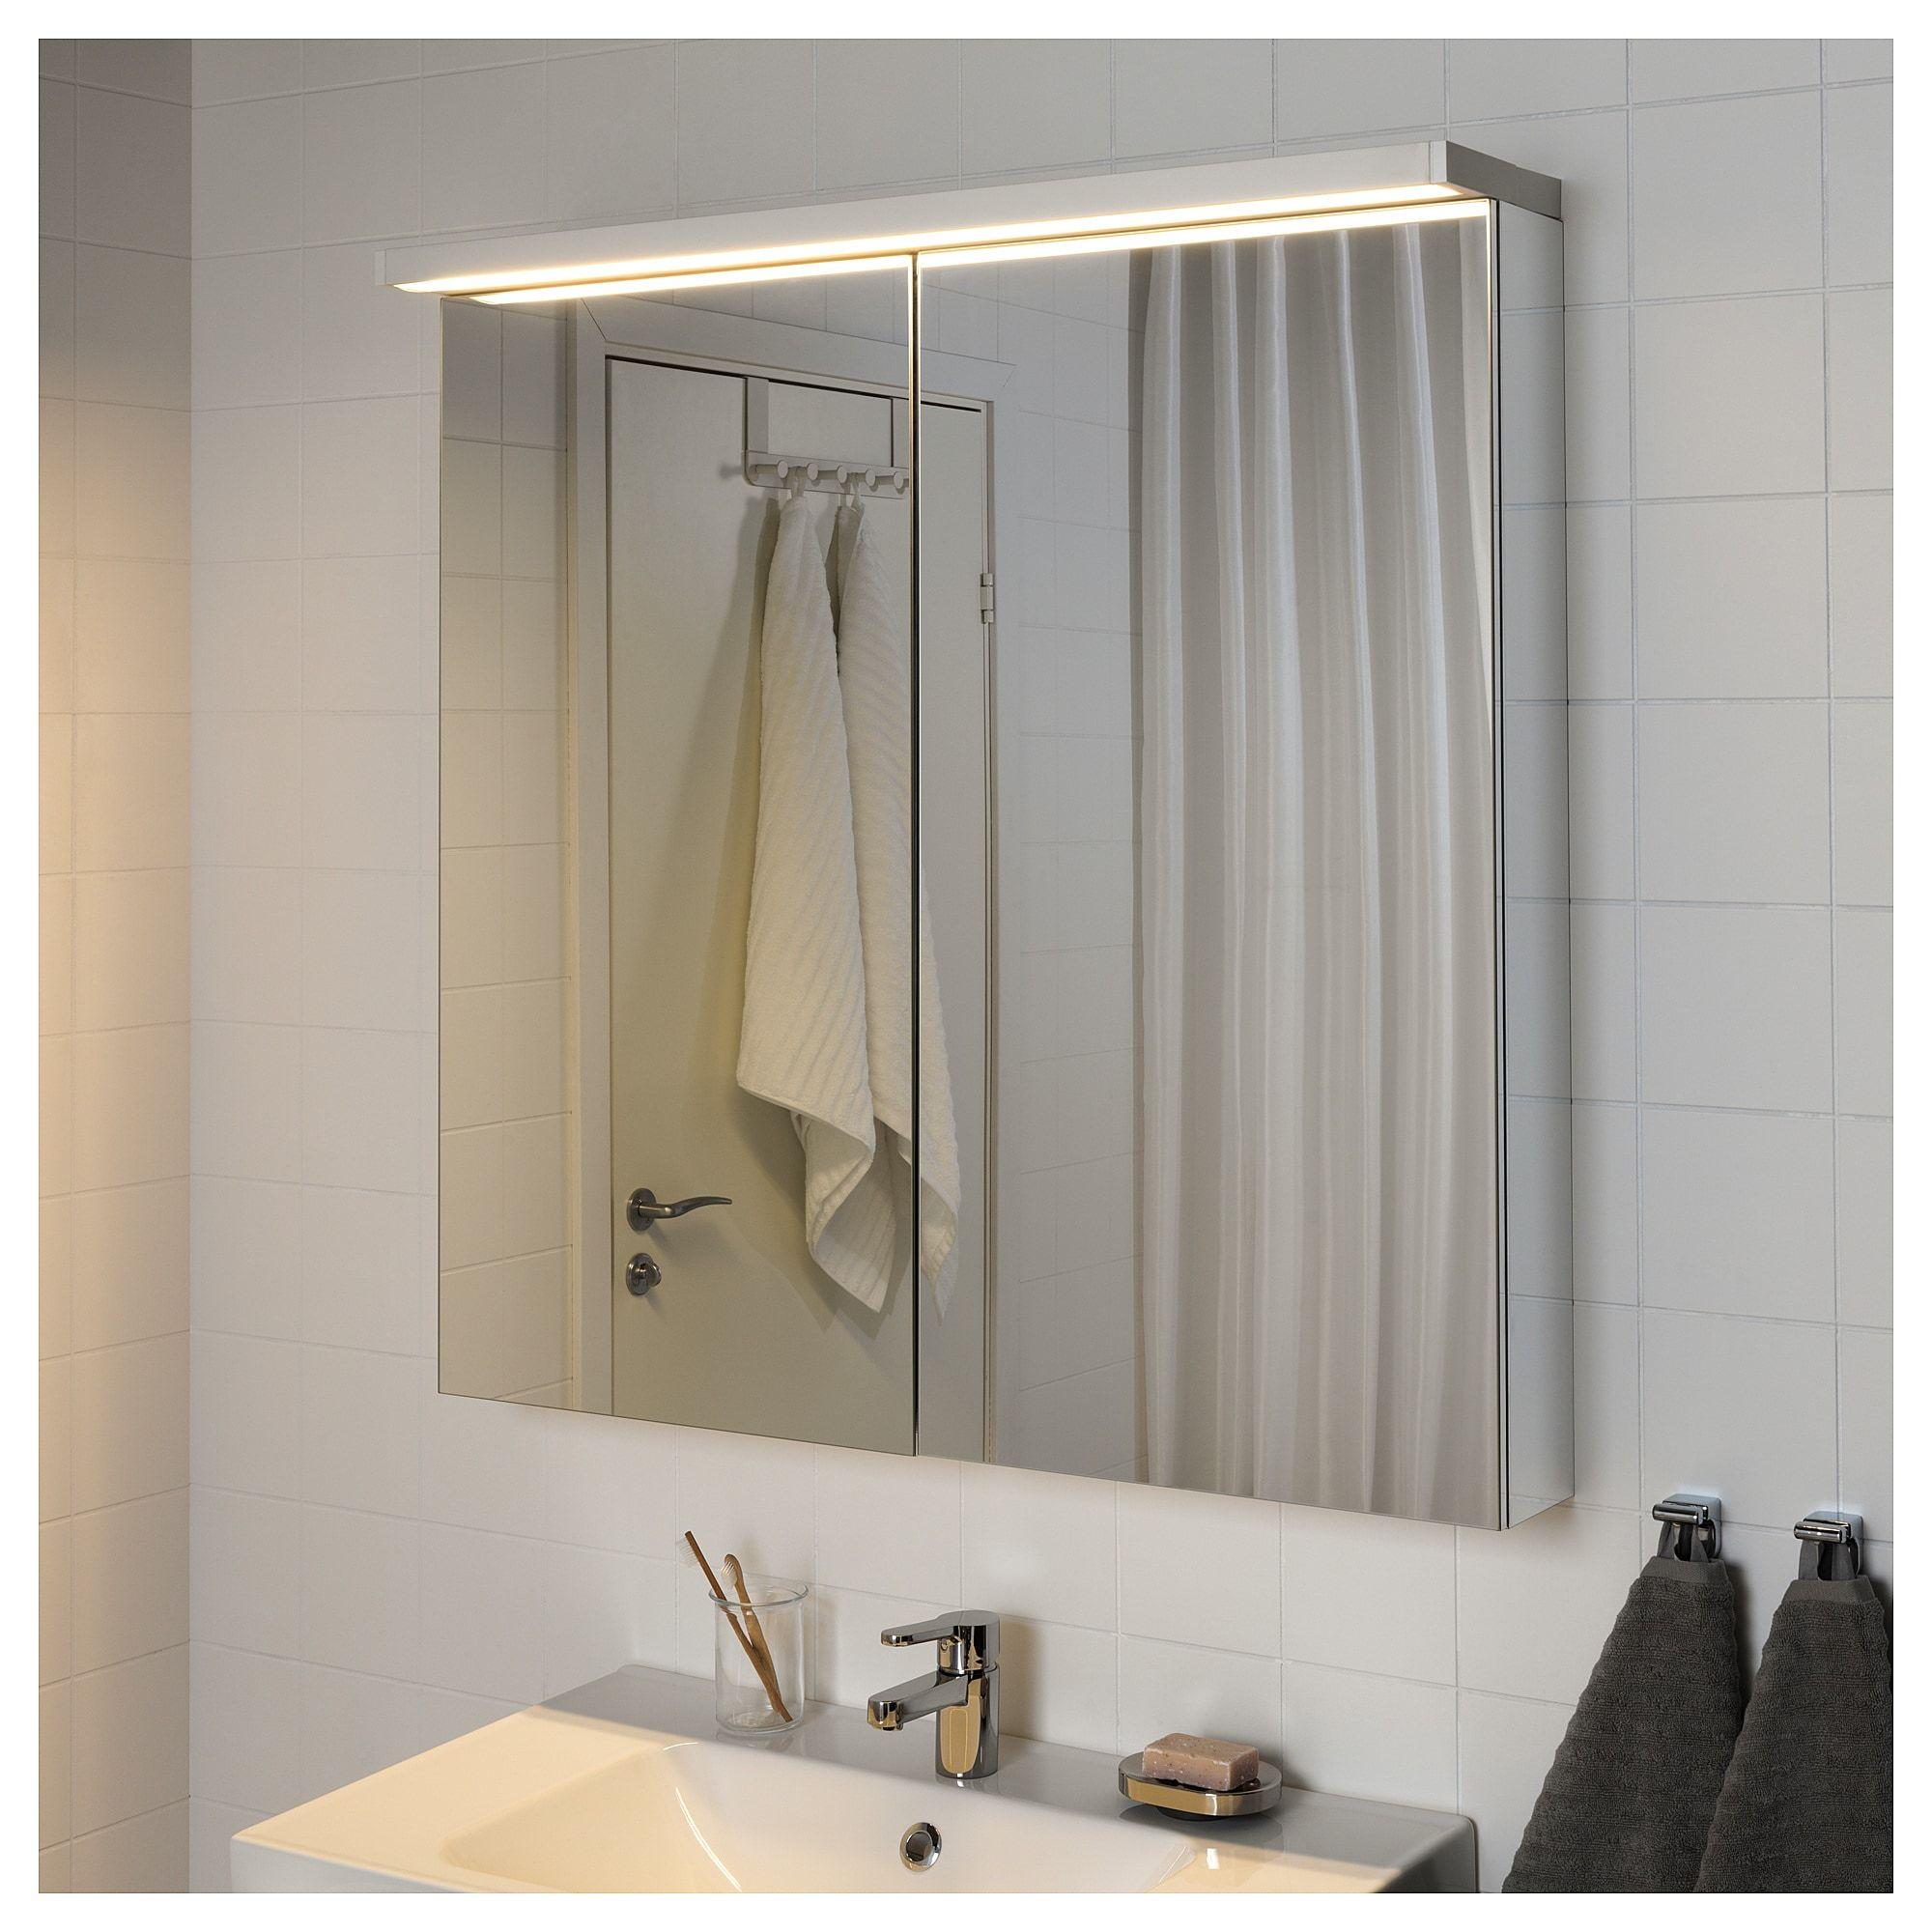 Ikea Badezimmer Spiegelschrank